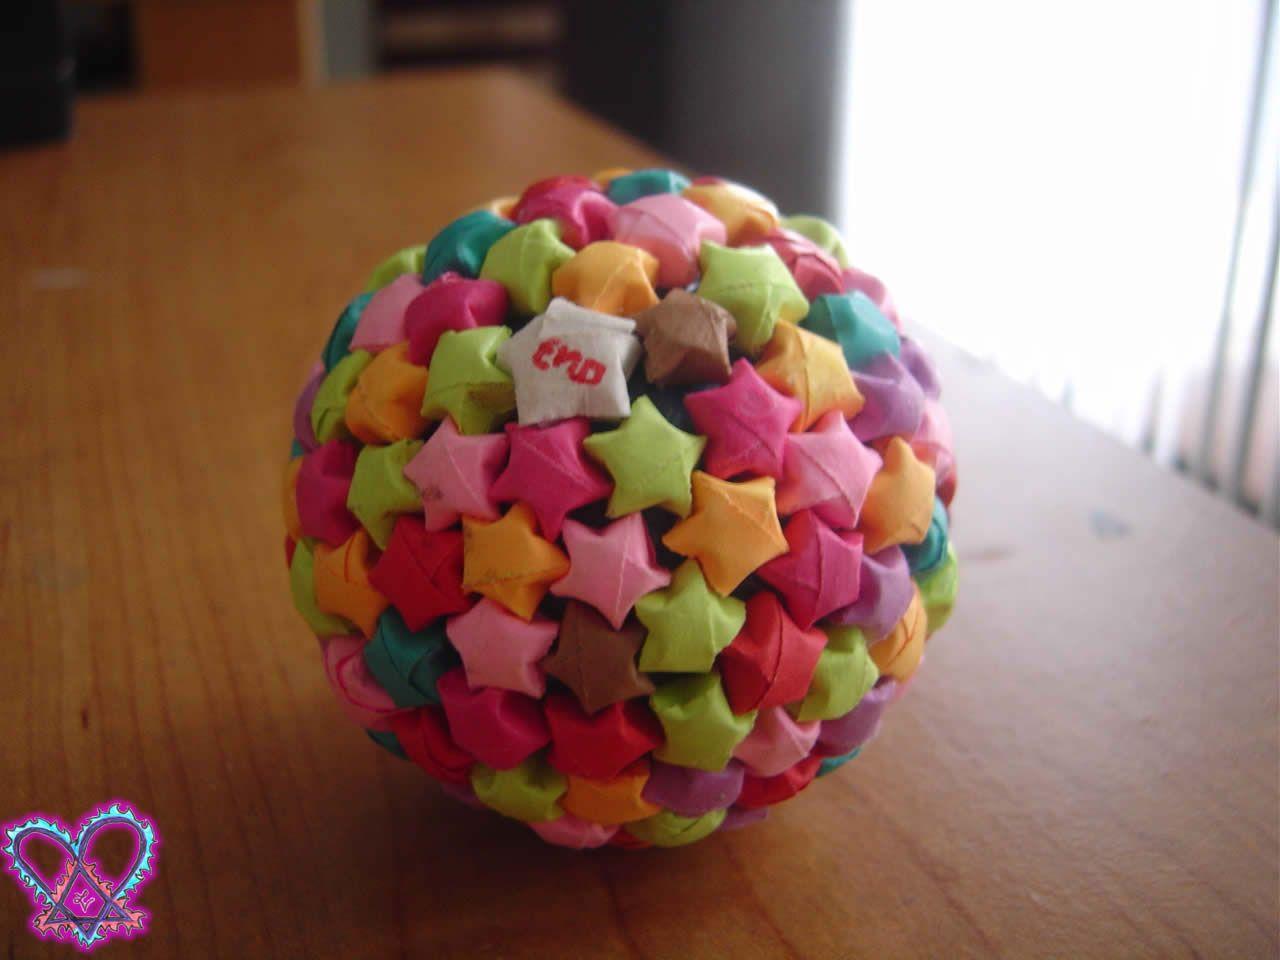 Star Ball by lily-valo.deviantart.com on @DeviantArt